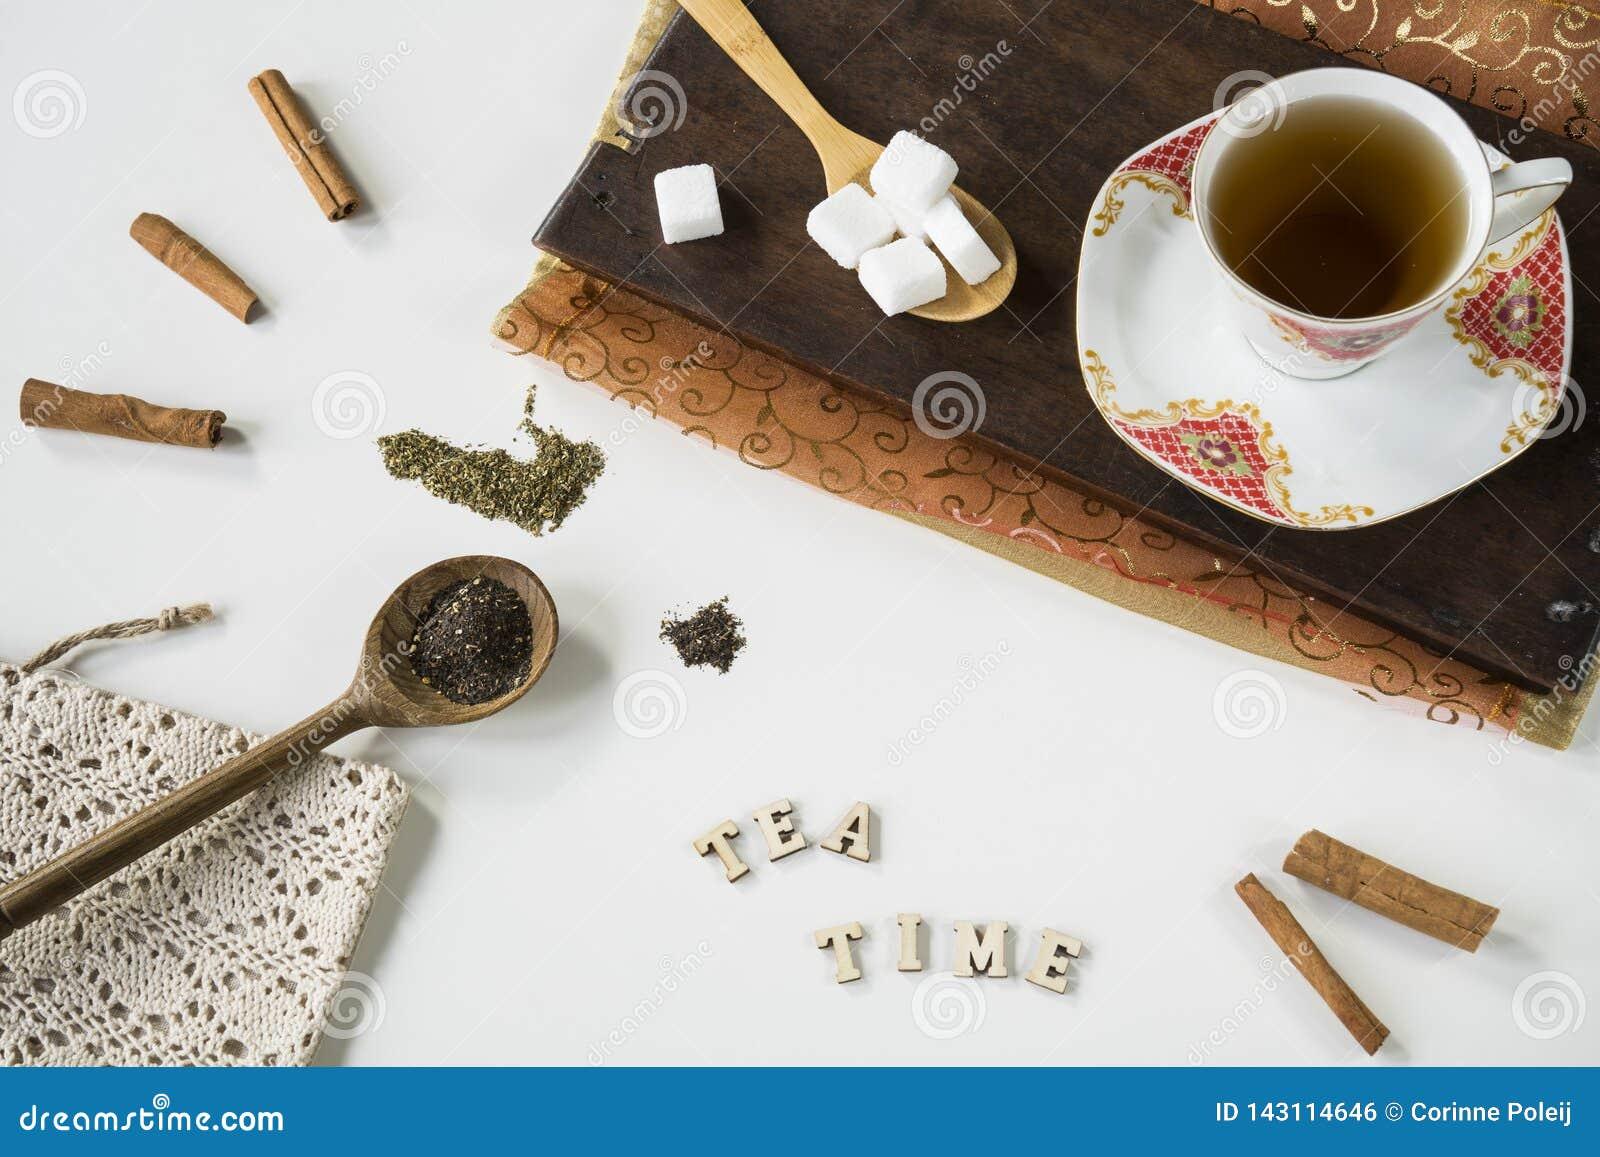 葡萄酒与的茶场面茶杯、切板、匙子和备忘录书